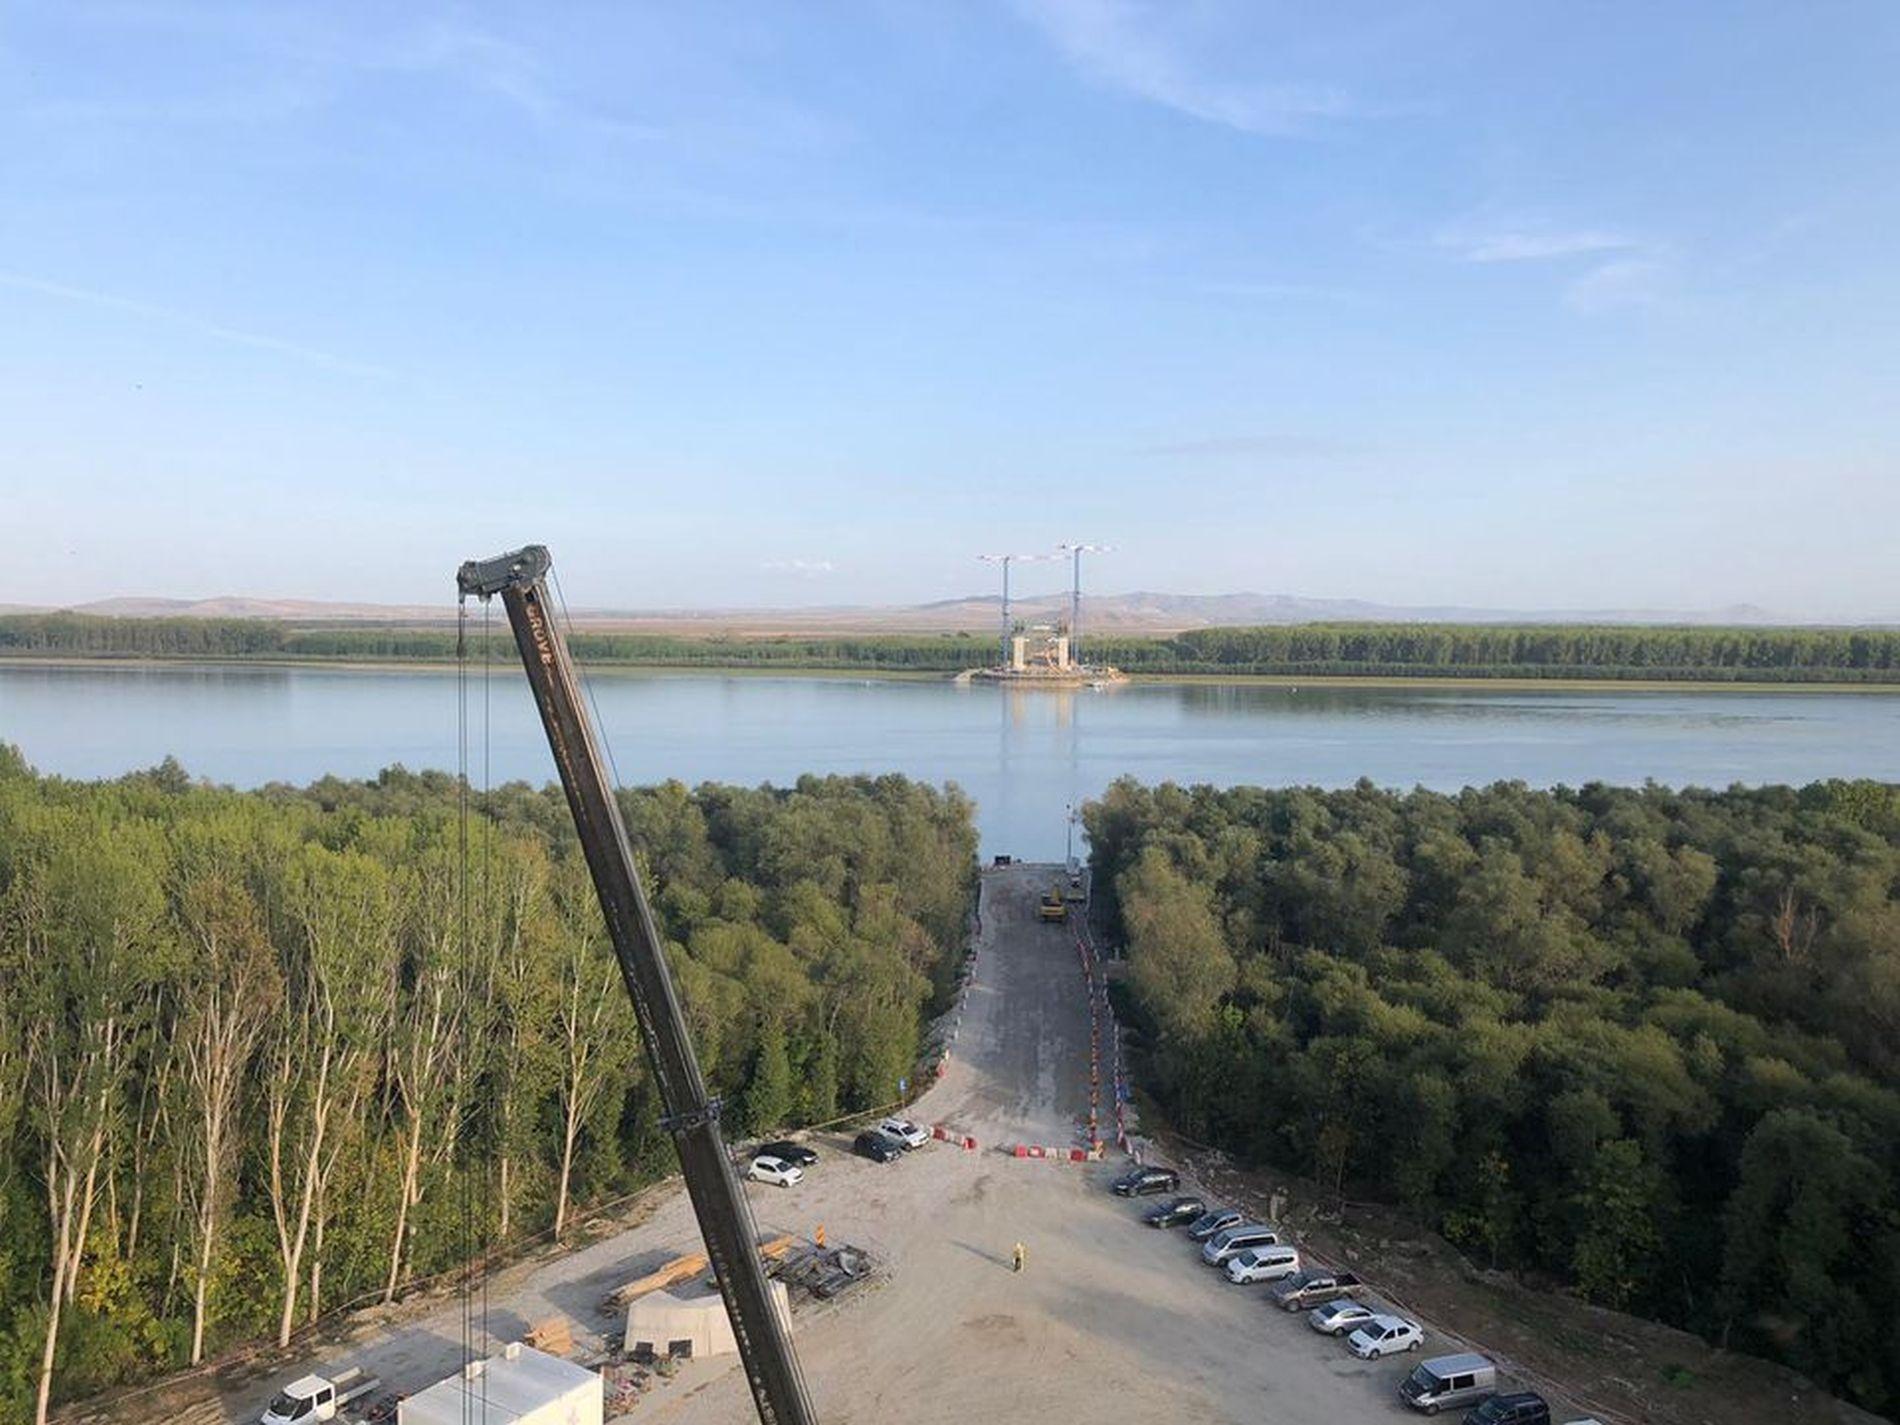 Podul de la Brăila începe să prindă contur